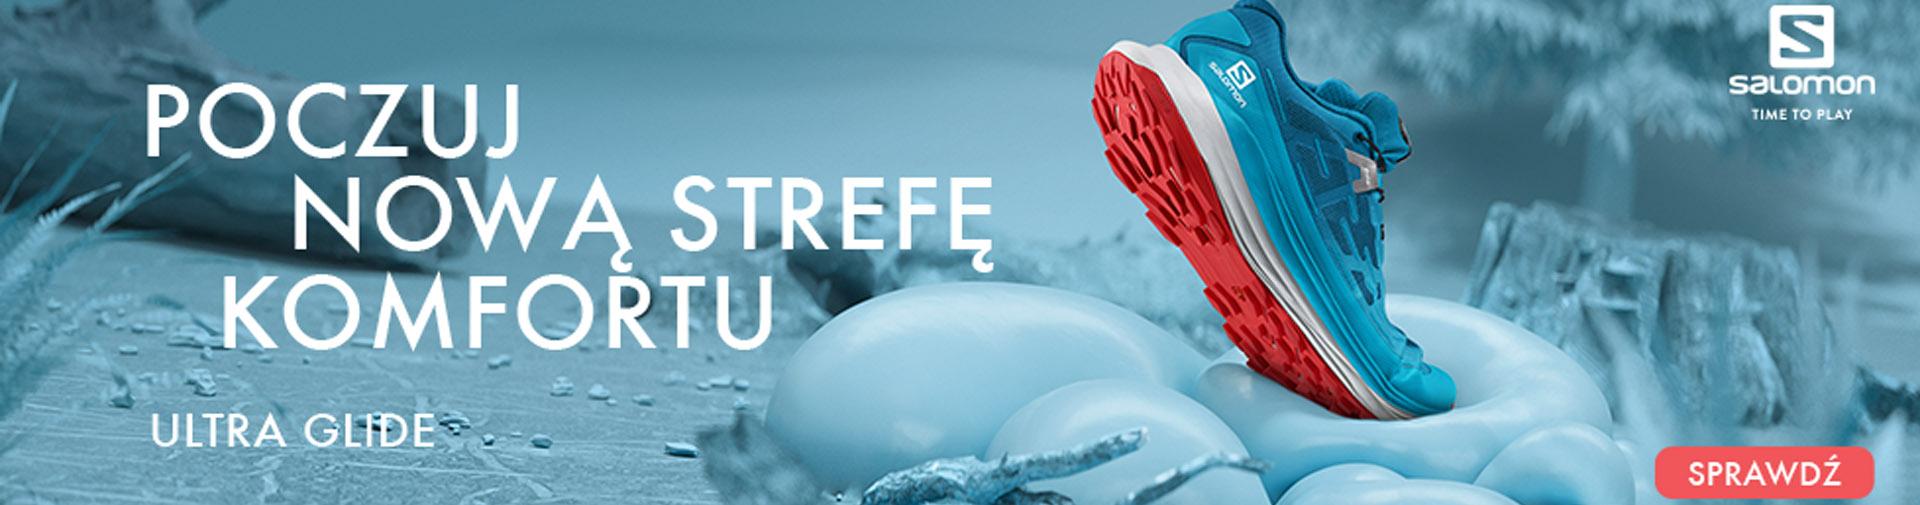 bardzo wygodne i komfortowe buty do biegania salomon ultra glide